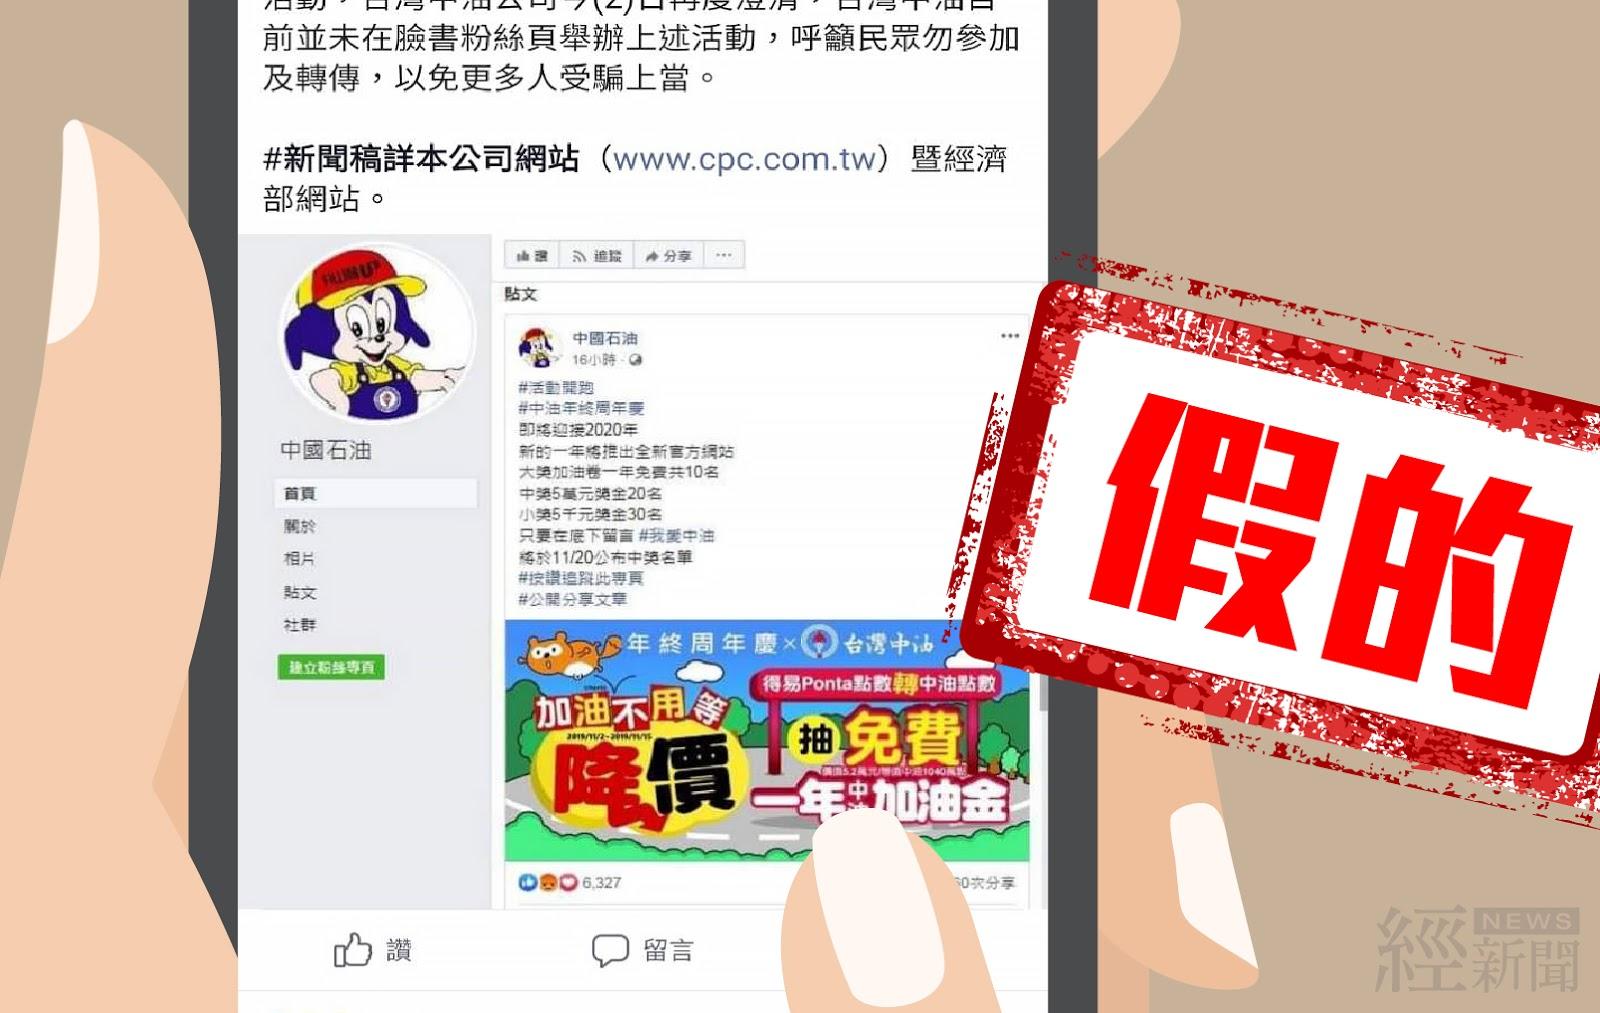 中油周年慶抽加油券? 台灣中油:又是網路詐騙!